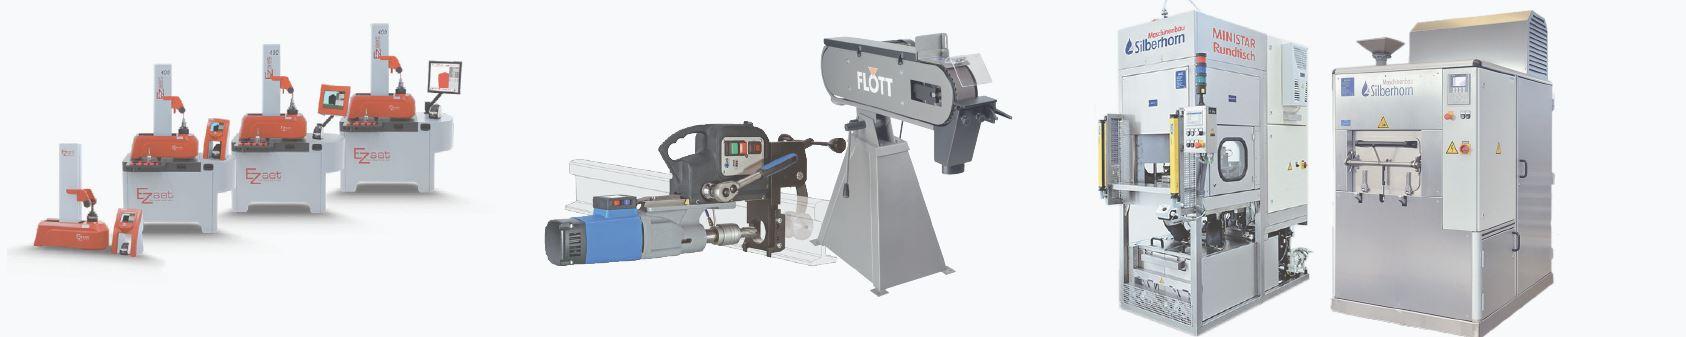 Utilaje pentru debitare cu laser, oxi-flacara, plasma & jet de apa